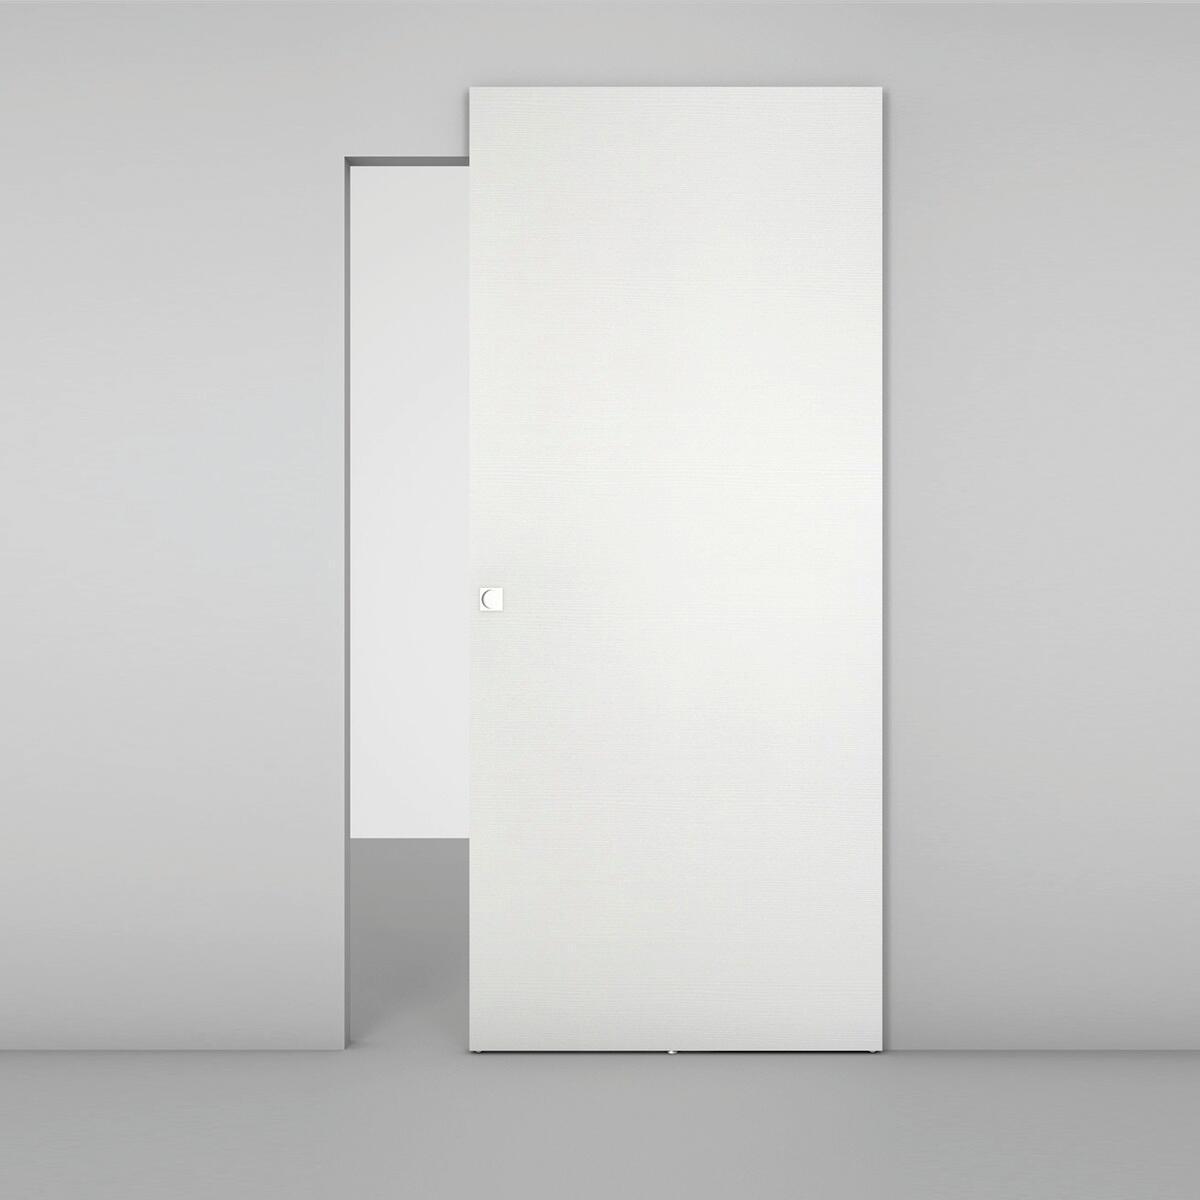 Porta scorrevole con binario esterno Space Matrix Qdra in legno, Binario nascosto L 101 x H 230 cm sx - 2